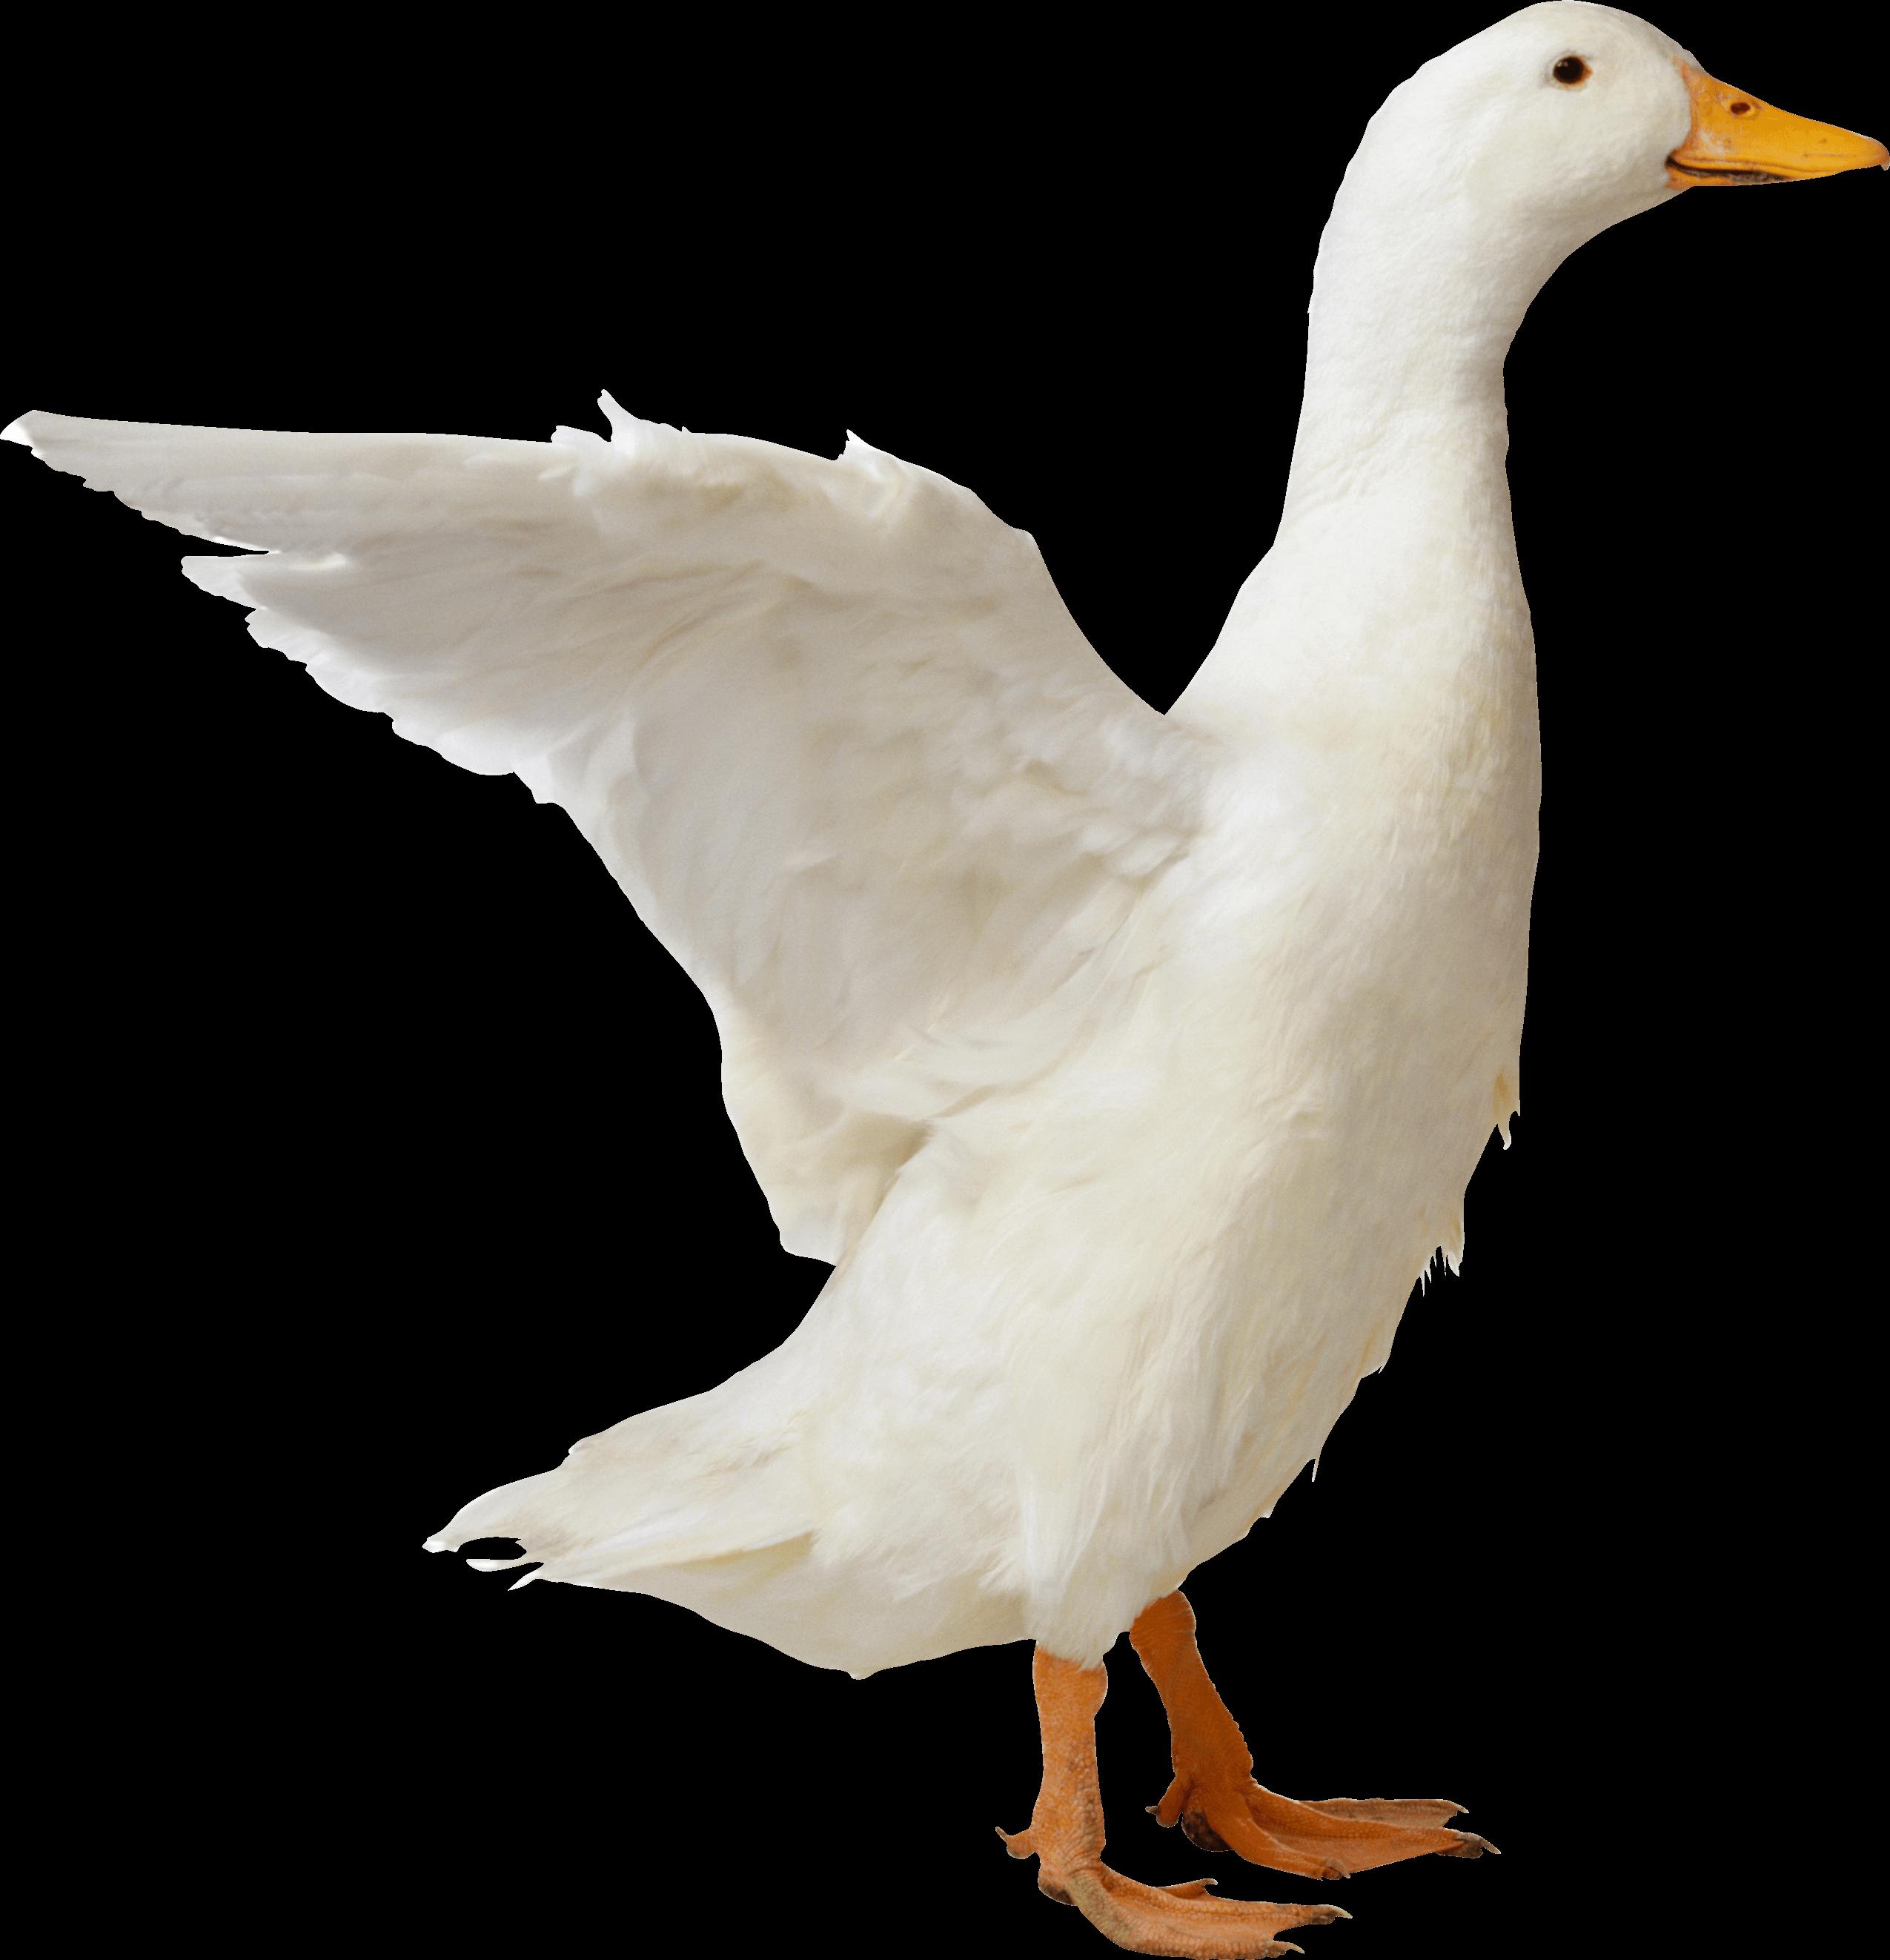 Download - PNG Goose